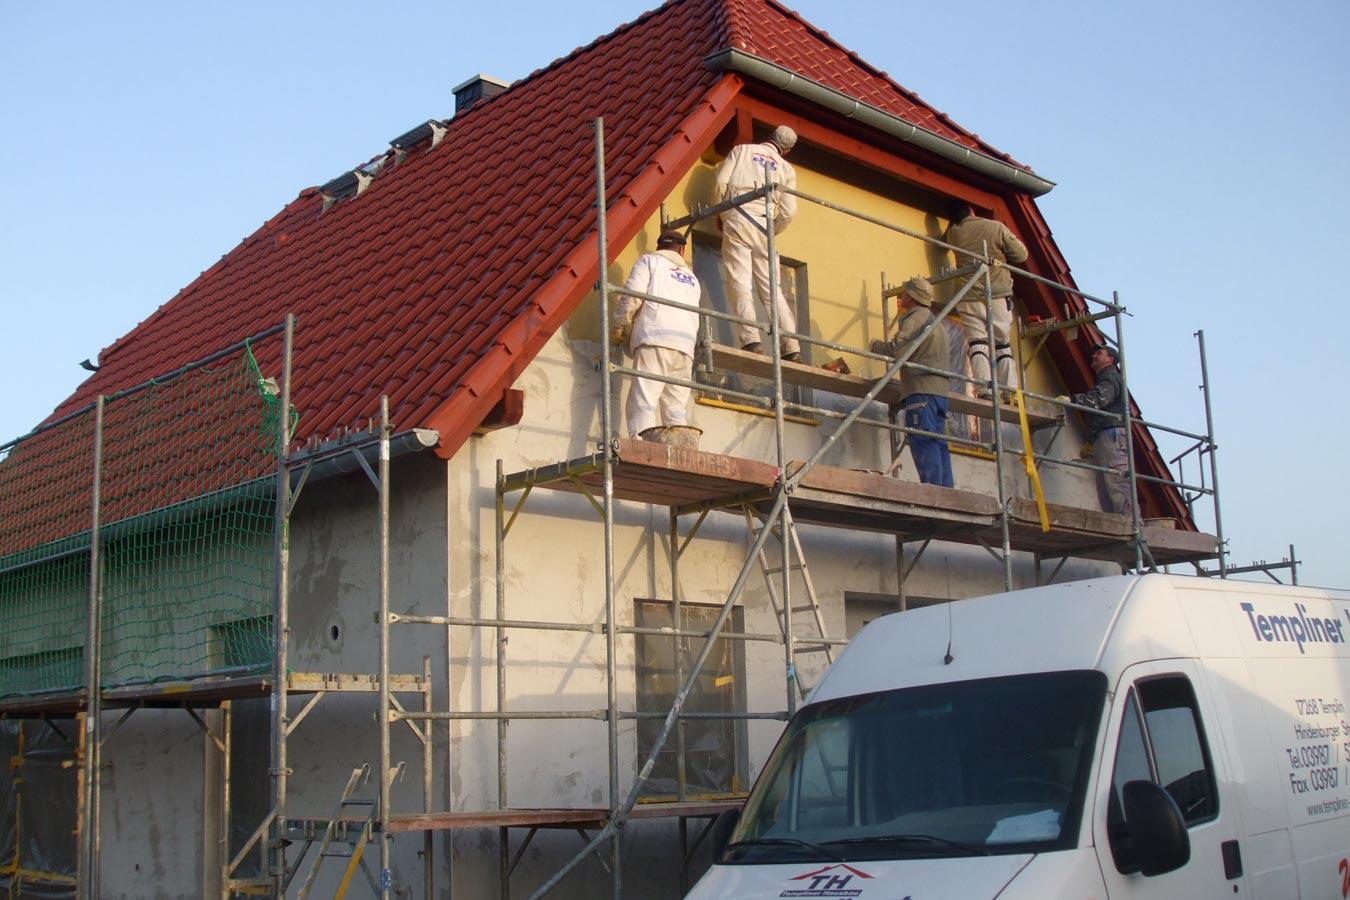 Dusche Bodengleich Estrich : Baustellenimpressionen - Willkommen bei ...